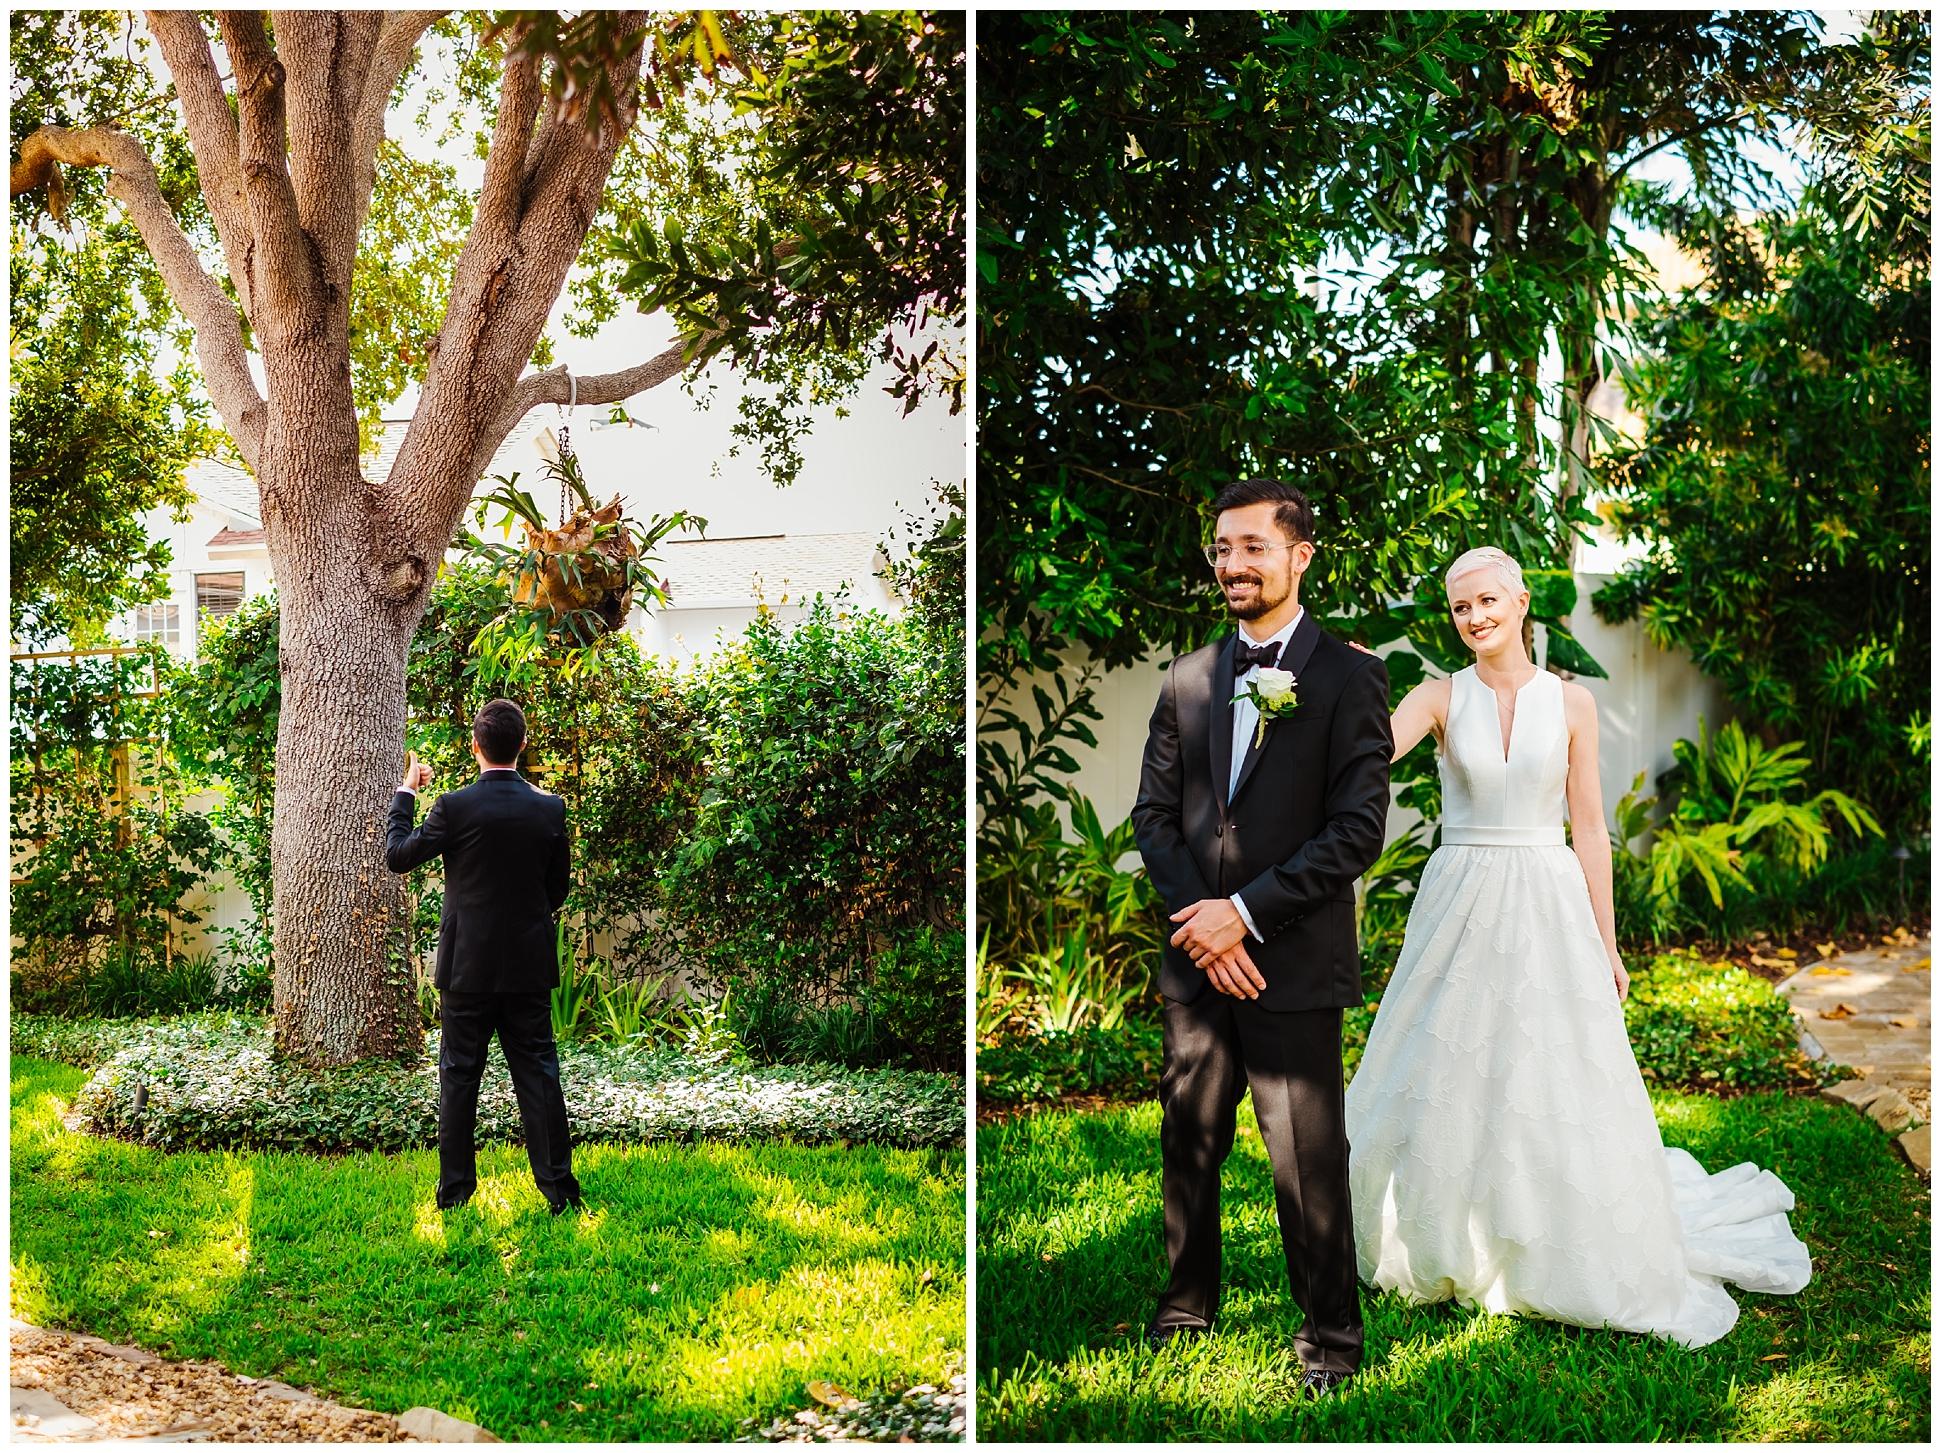 tierra-verde-st-pete-florida-home-luxury-wedding-greenery-pink-pixie-bride_0023.jpg